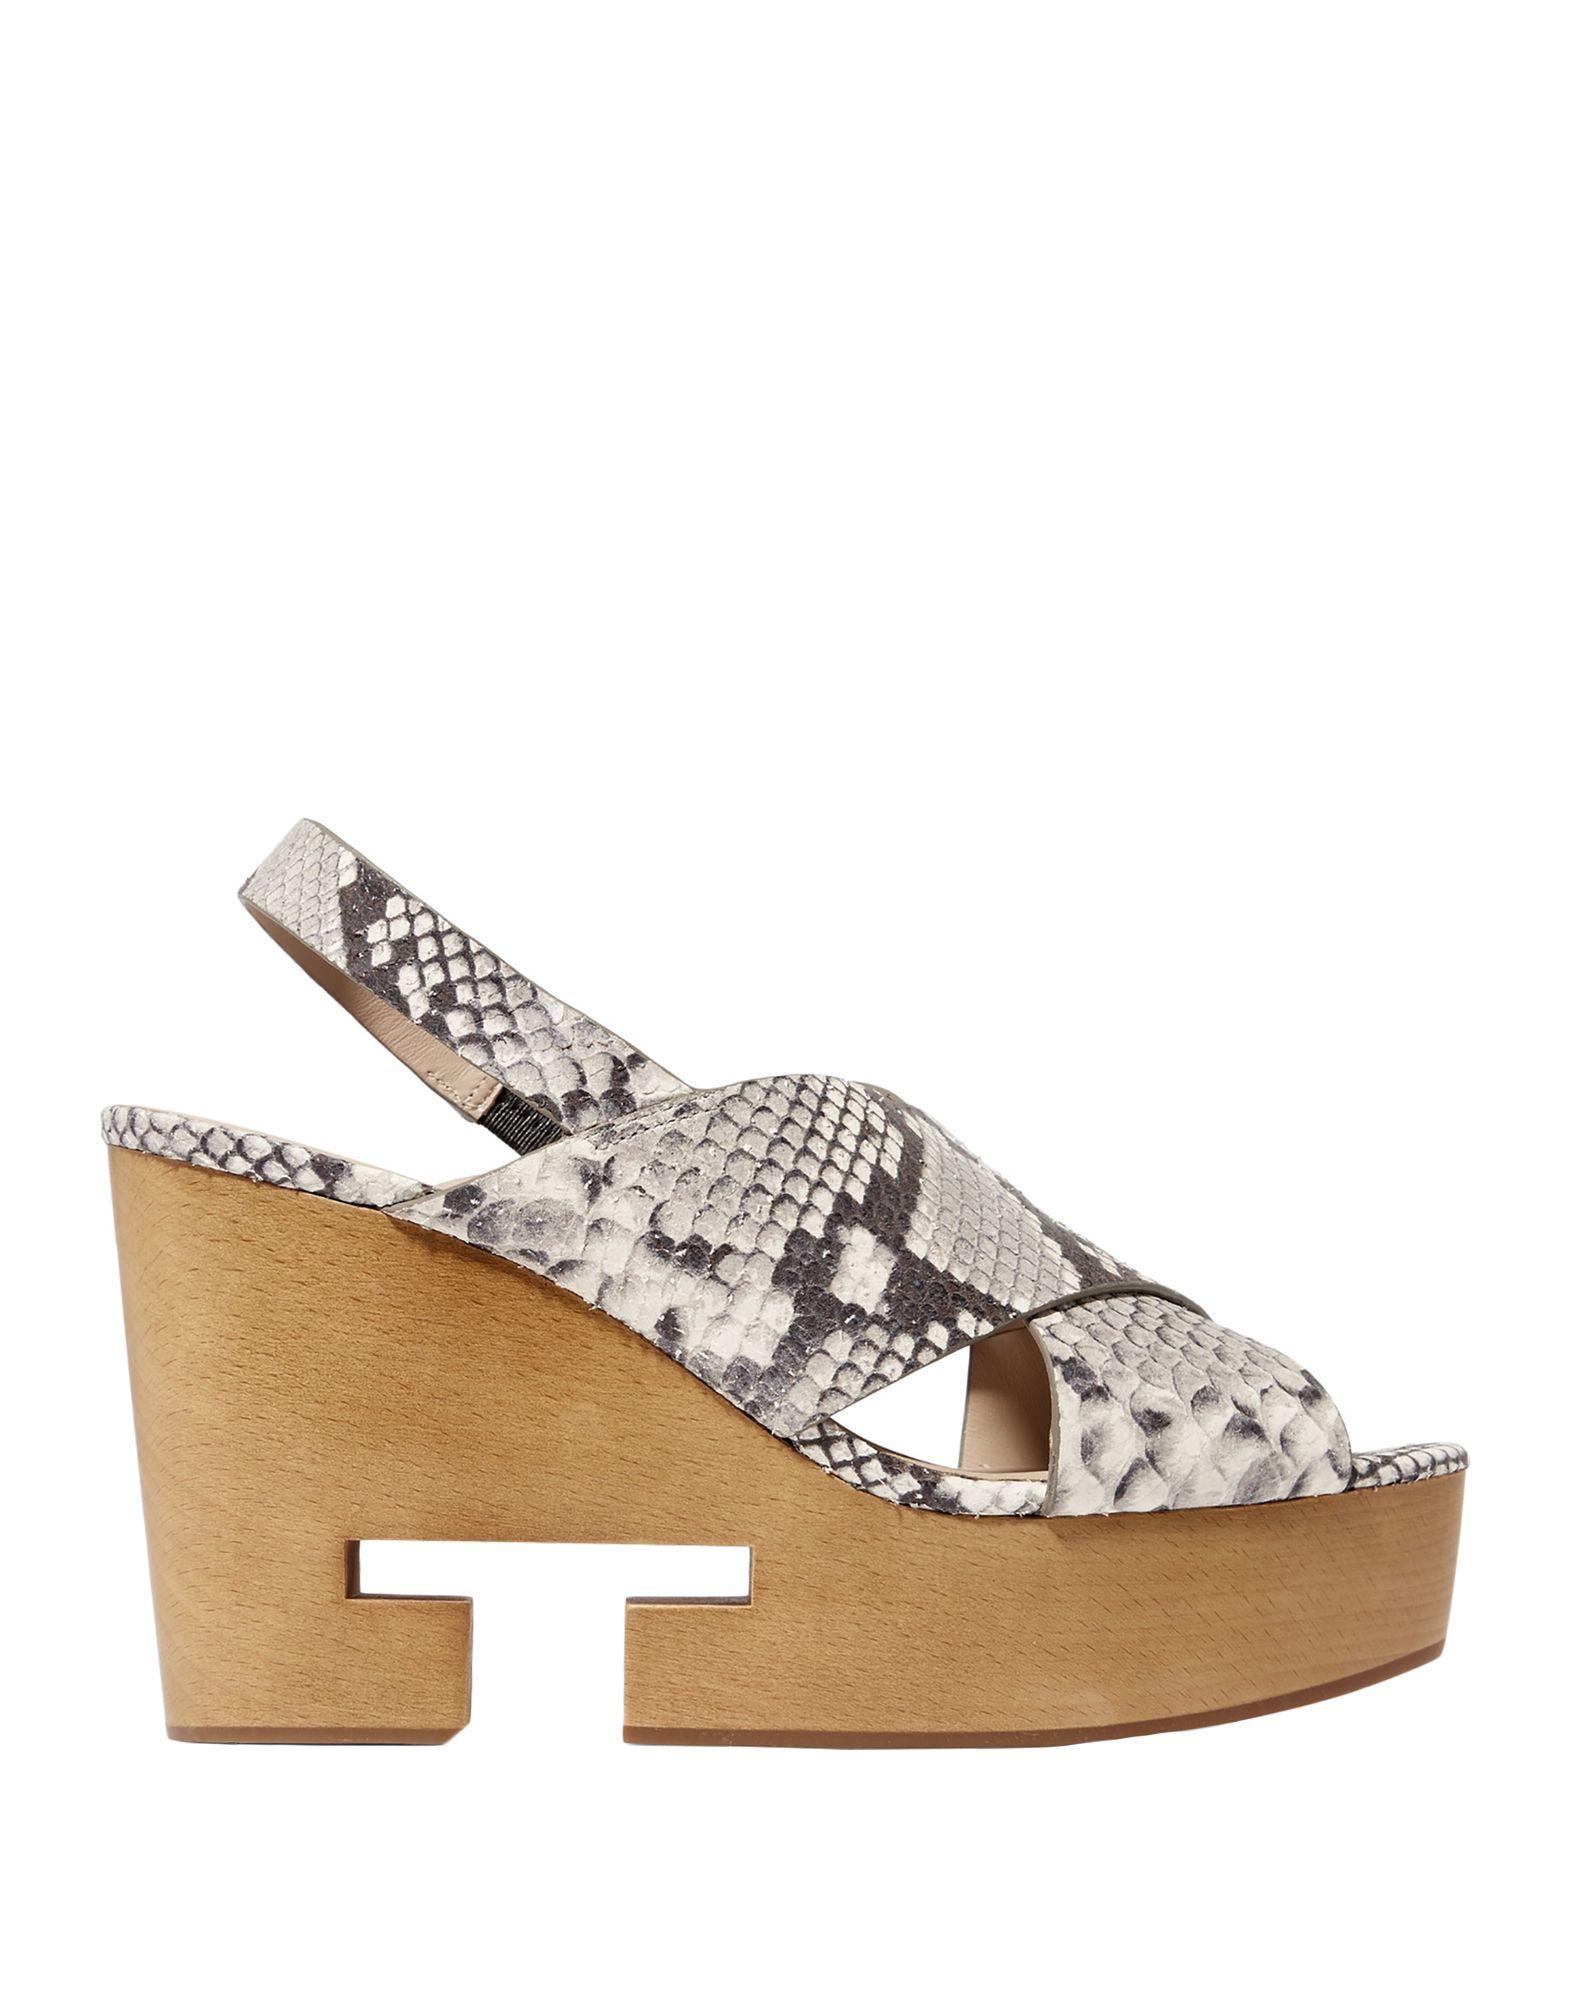 58b5696f322 Lyst - Tory Burch Sandals in White